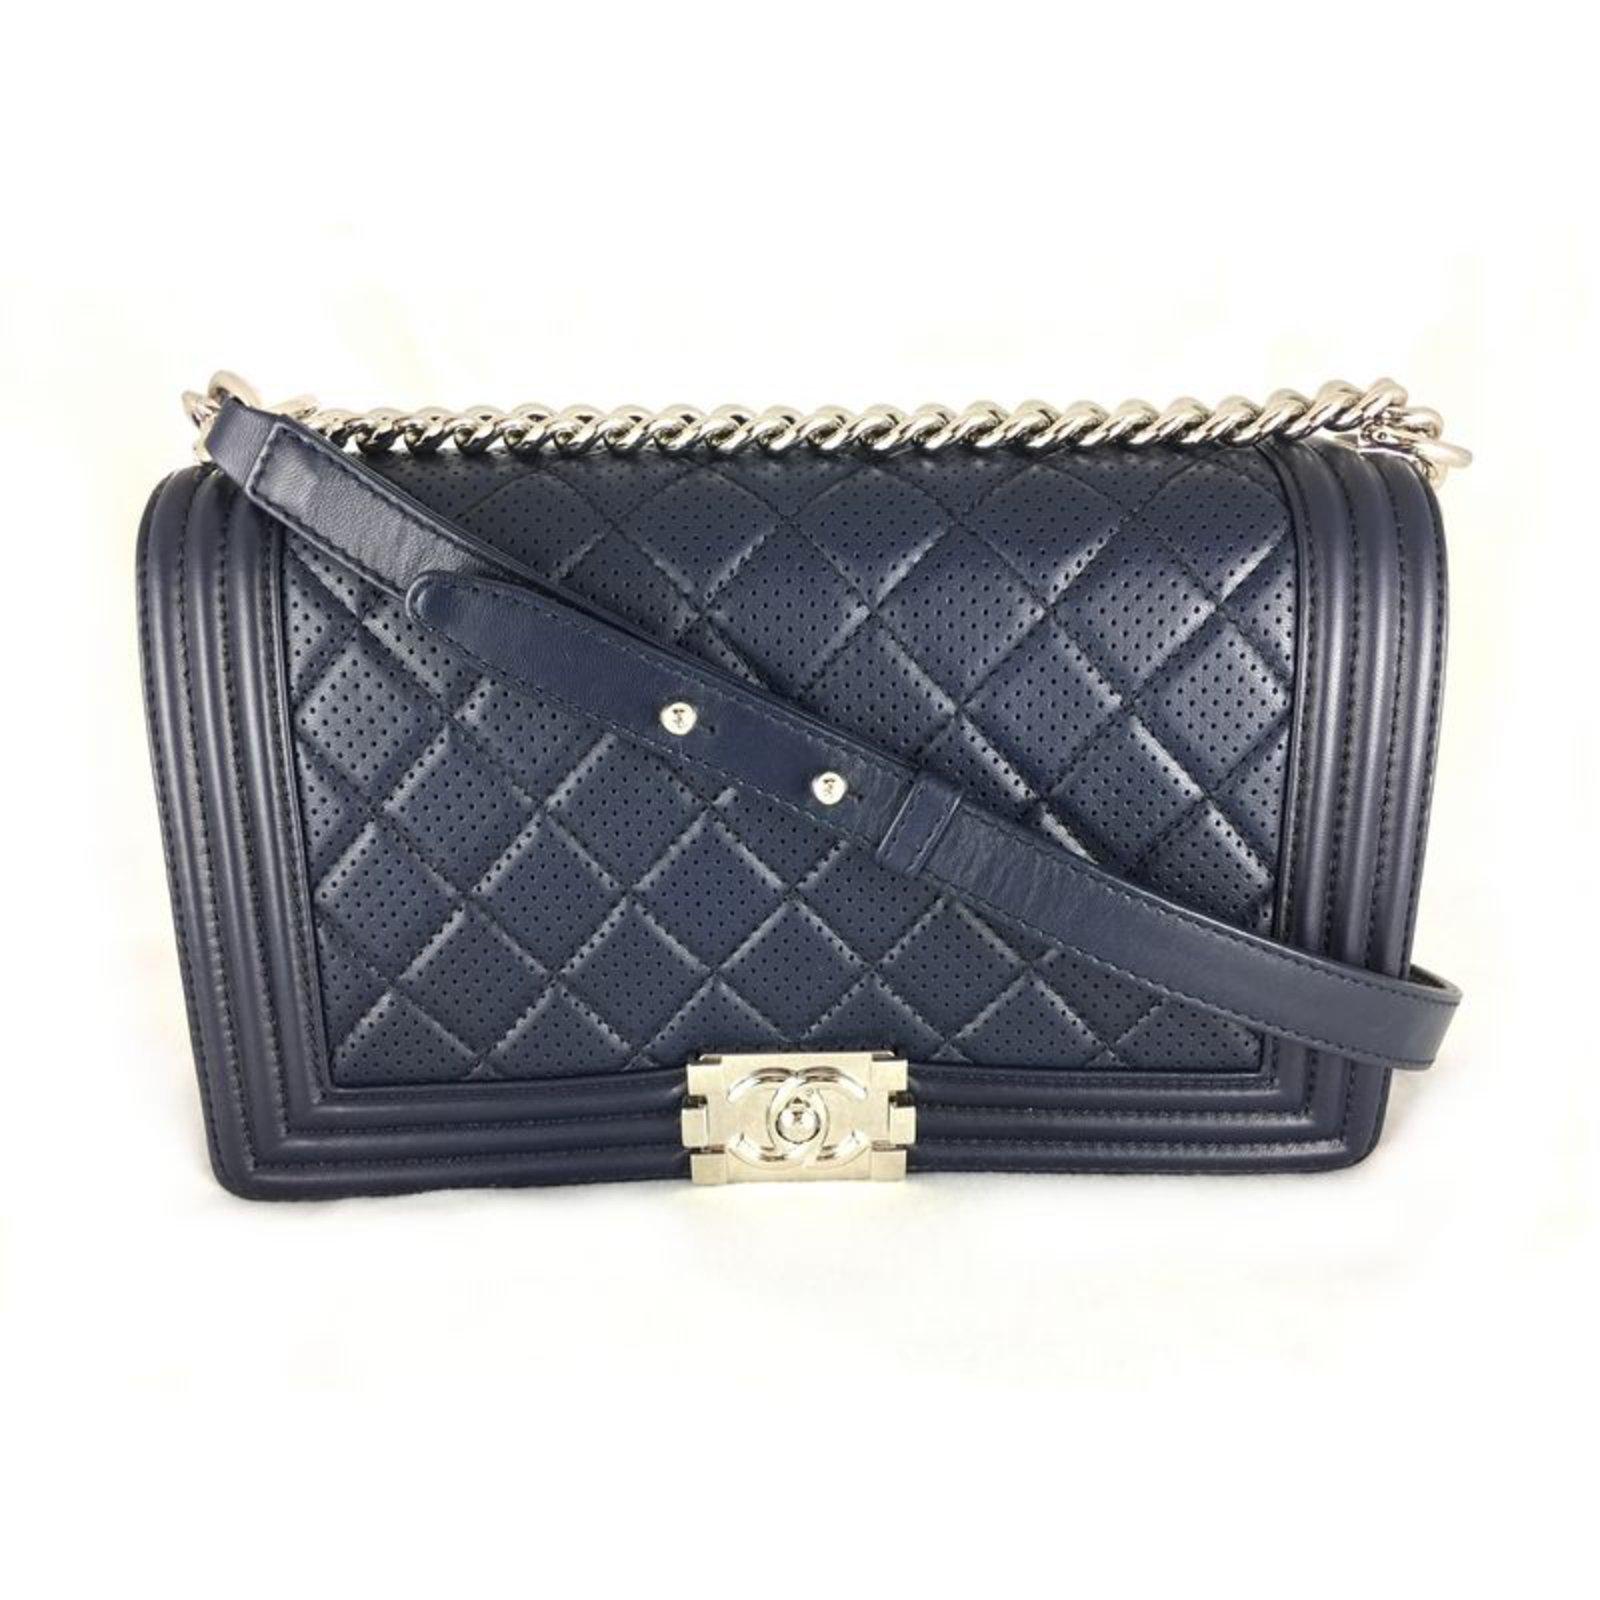 bf61fbf1d2df Chanel Chanel Boy Dark Blue Perforated New Medium Handbags Leather Blue  ref.36382